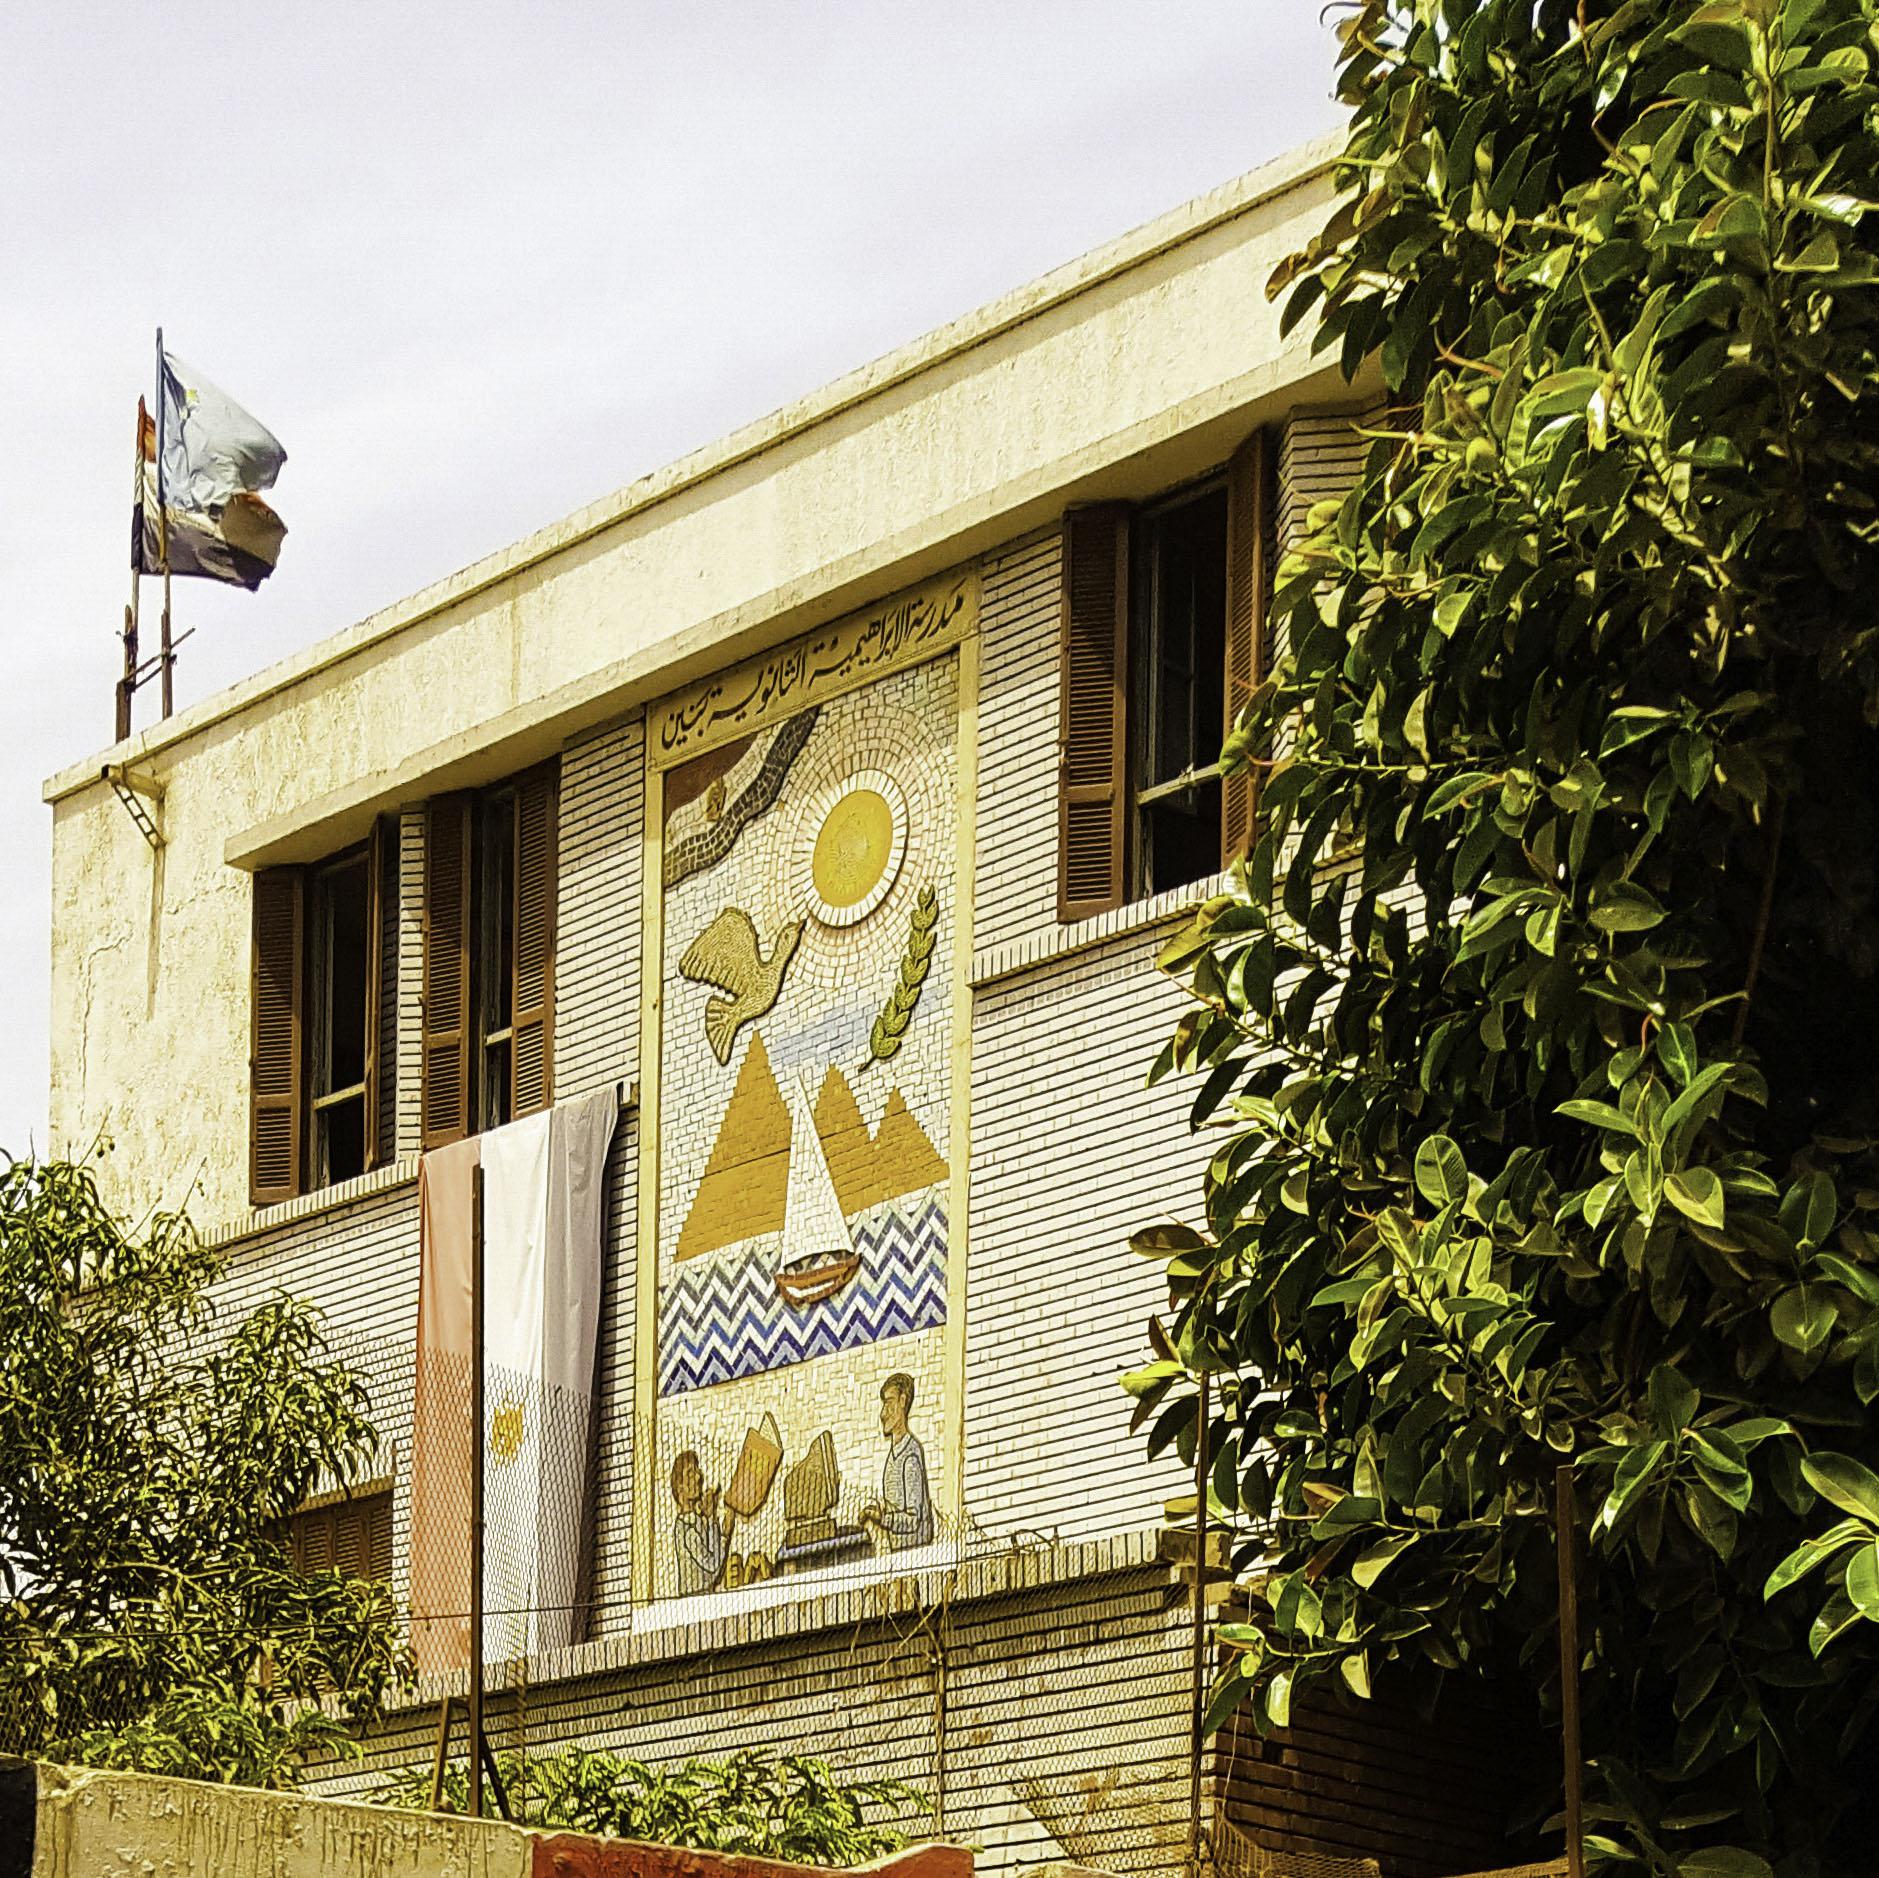 مدرسة الإبراهيمية الثانوية بنين بجاردن سيتي - تصوير: ميشيل حنا